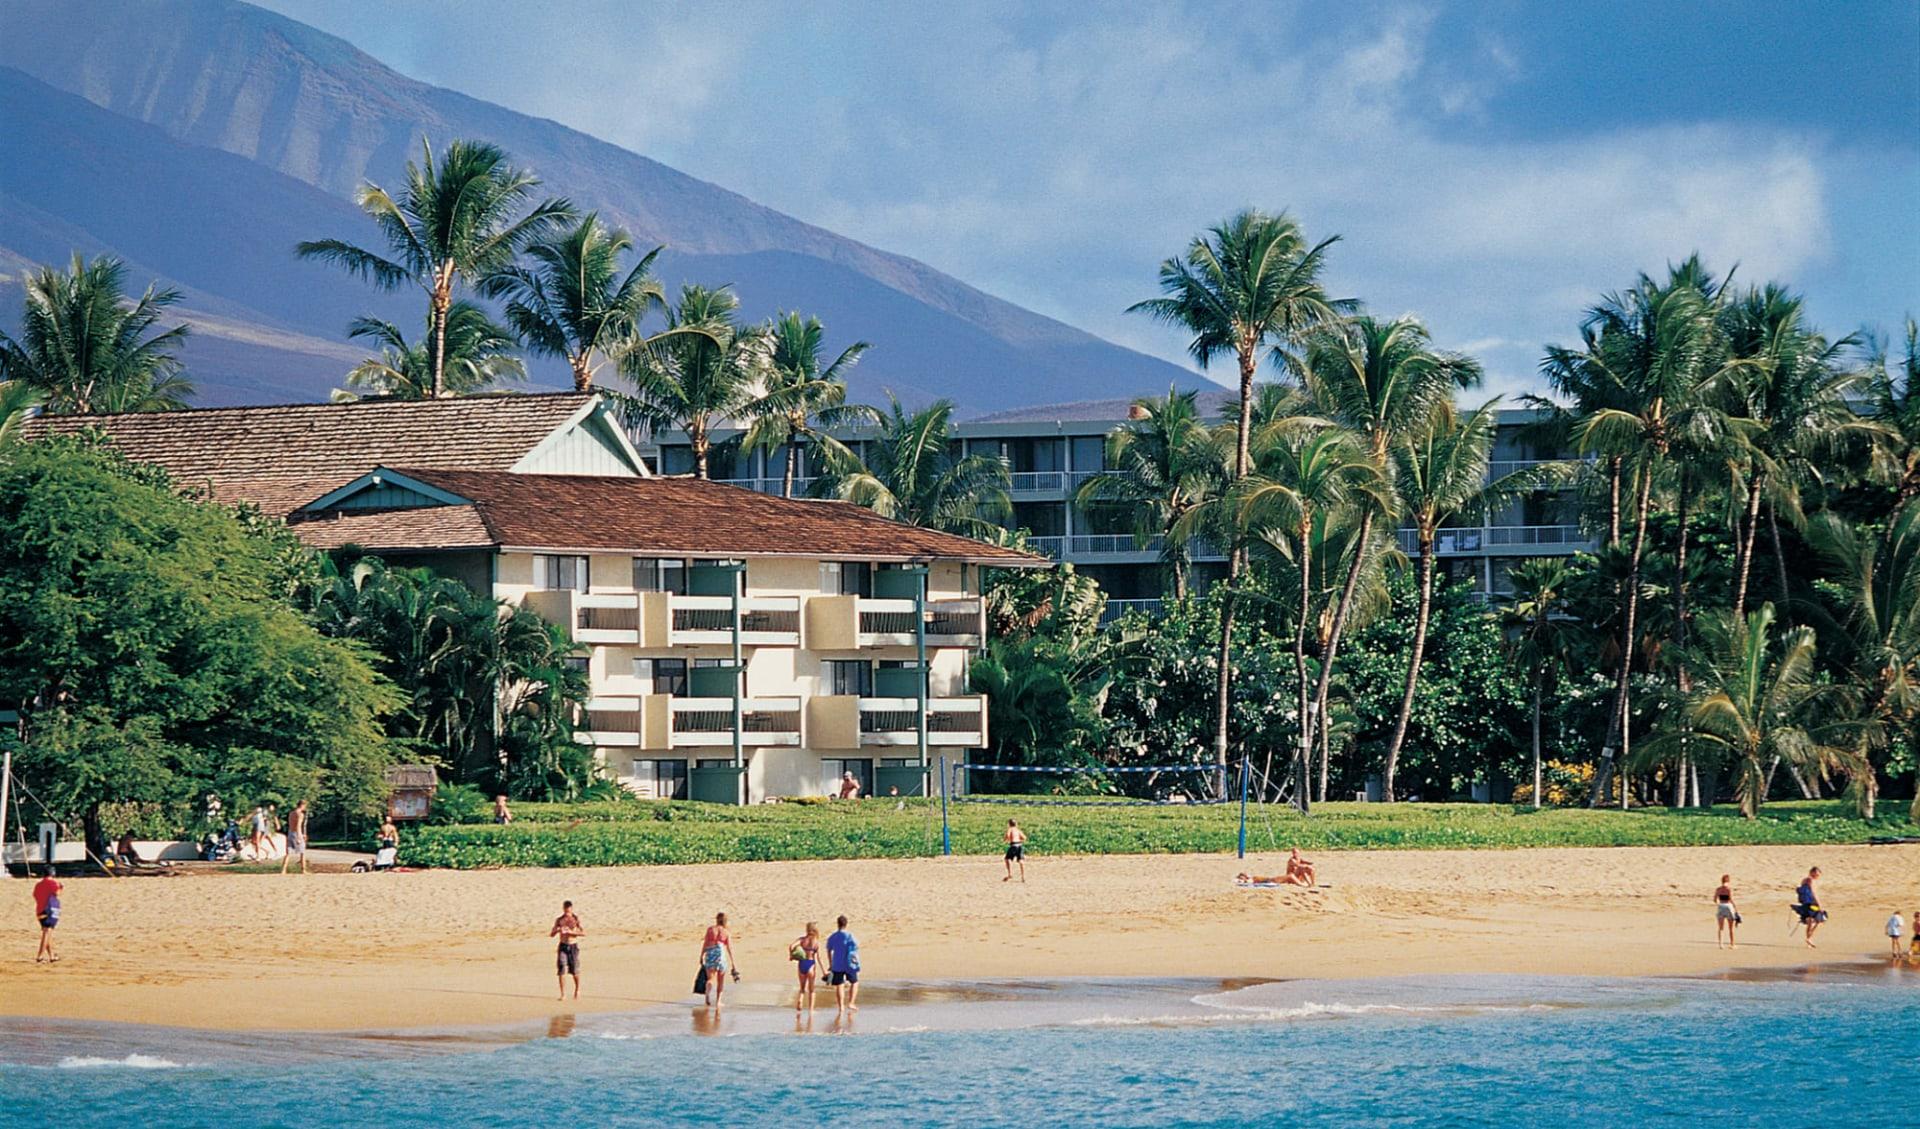 Kaanapali Beach Hotel in Lahaina - Maui: Exterior_Kaanapali Beach Hotel_Aussenansicht_ATI